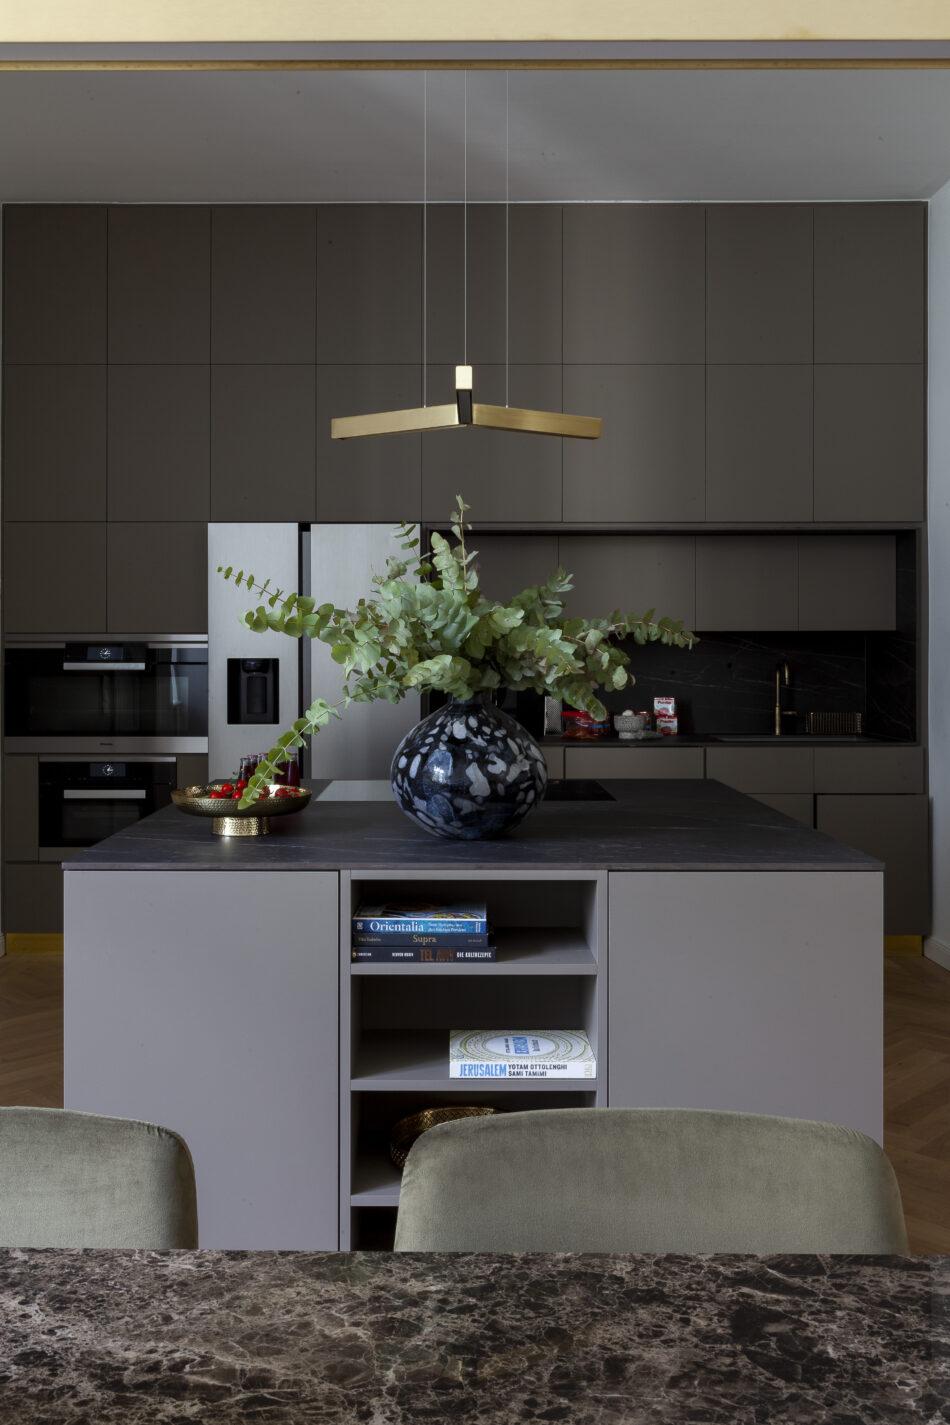 Antonius Schimmelbusch_Apartment_Berlin_Anne-Catherine Scoffoni_privat_07